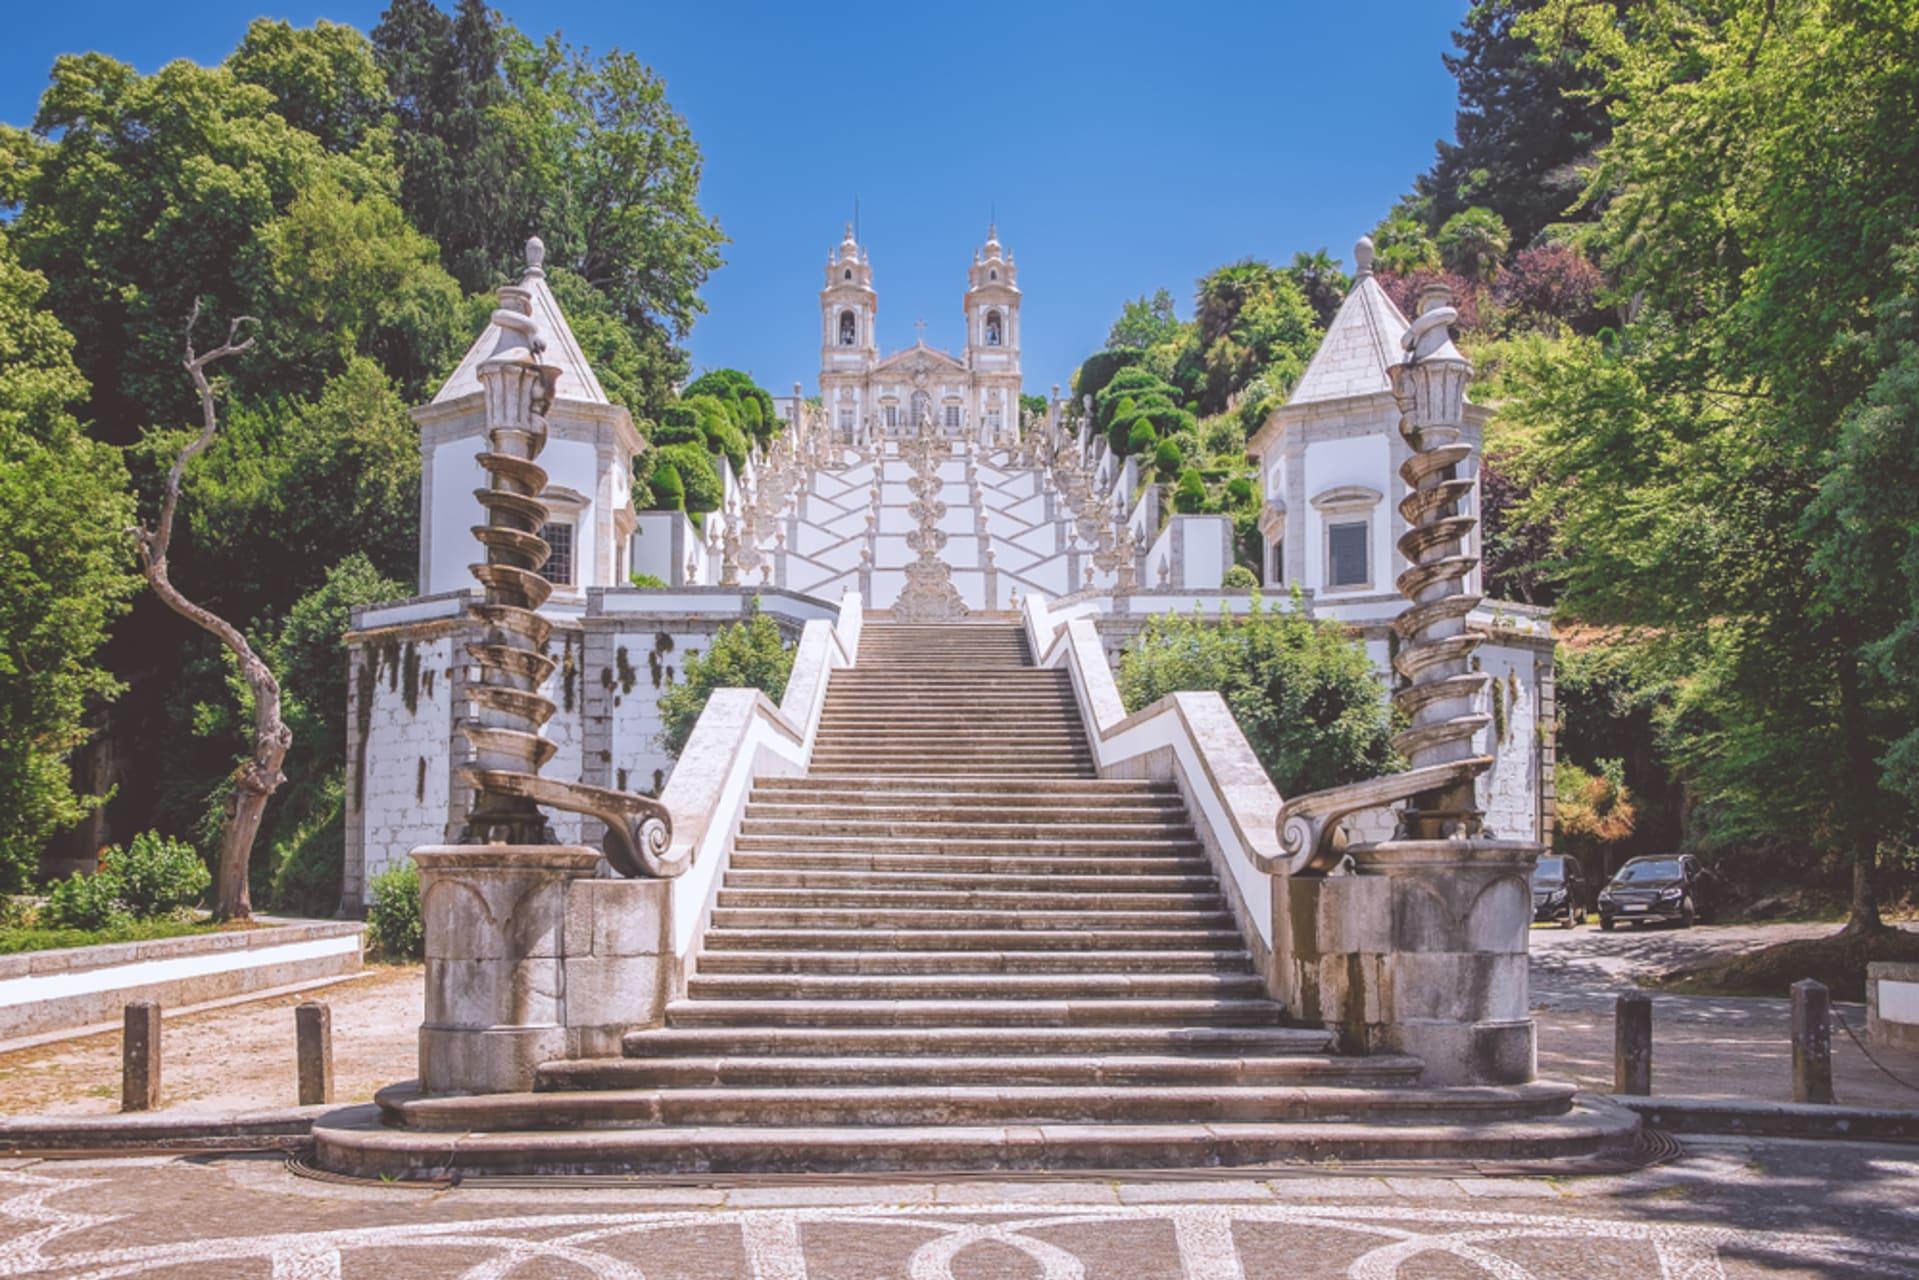 Braga - Bom Jesus do Monte Shrine